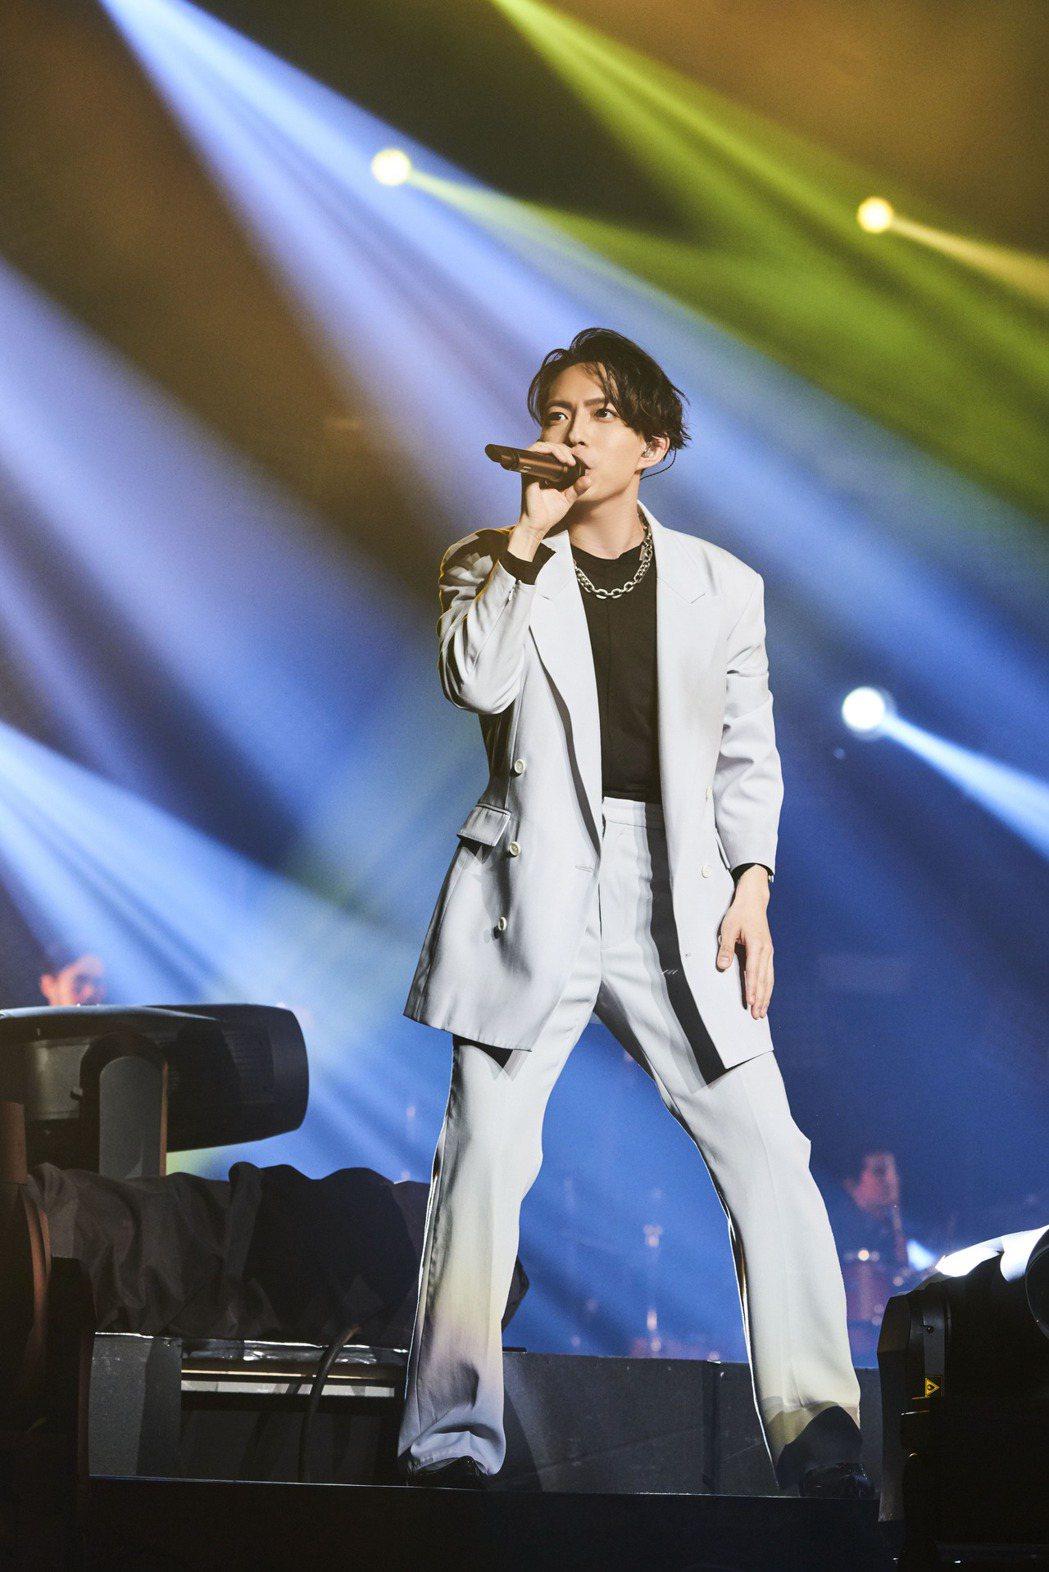 林宥嘉以復古搖滾造型開唱,要粉絲盡量誇他帥。圖/華研提供